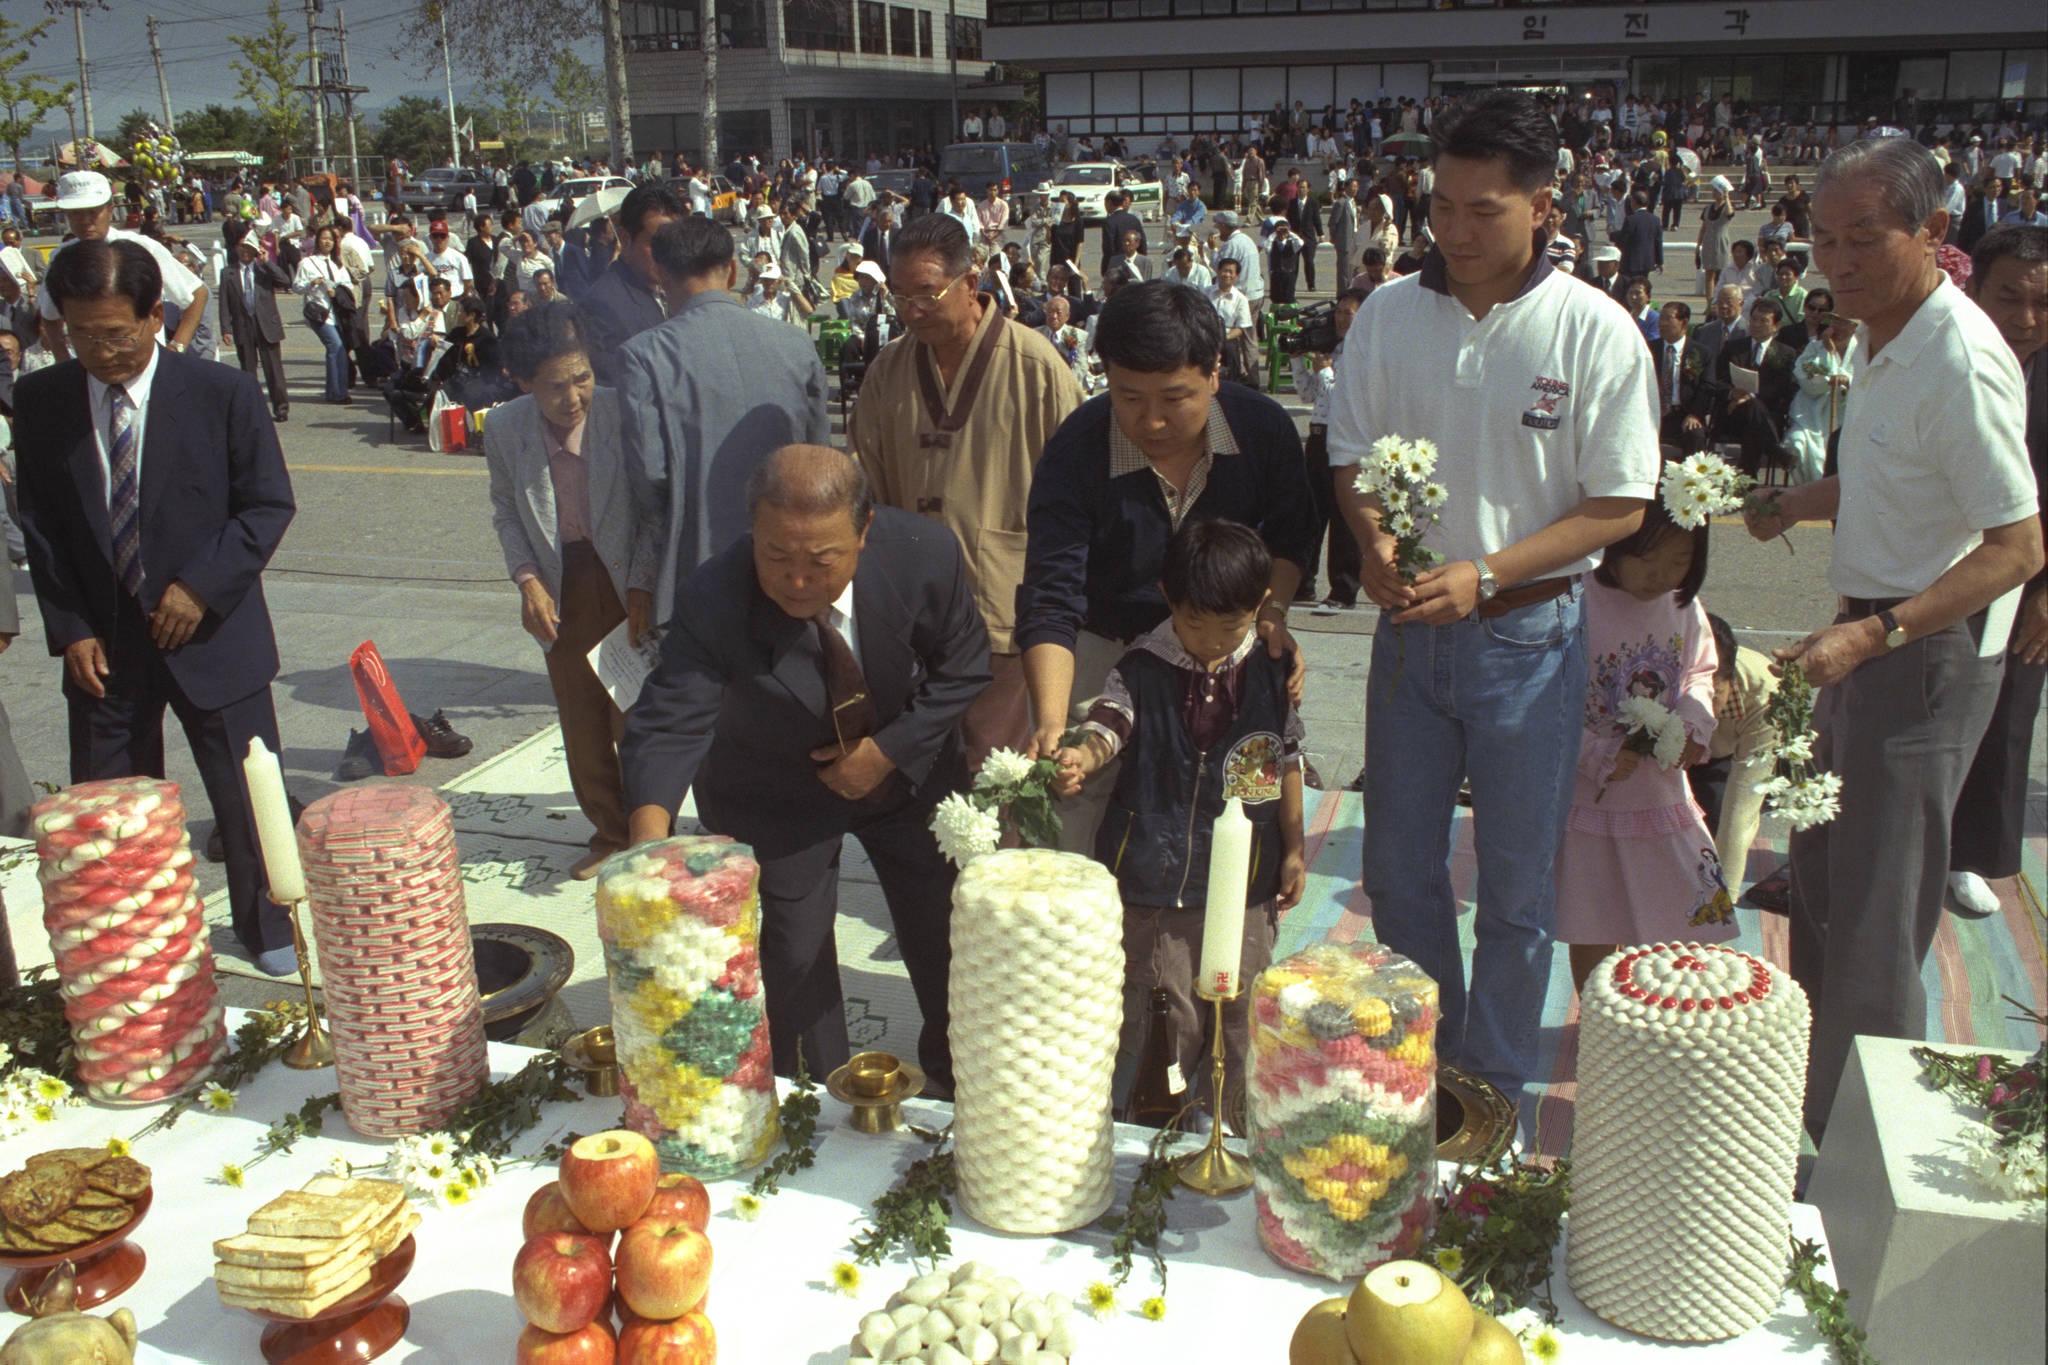 1998년 추석 당일인 10월 5일 임진각 망배단에서 열린 이산가족들의 합동 차례.[중앙포토]